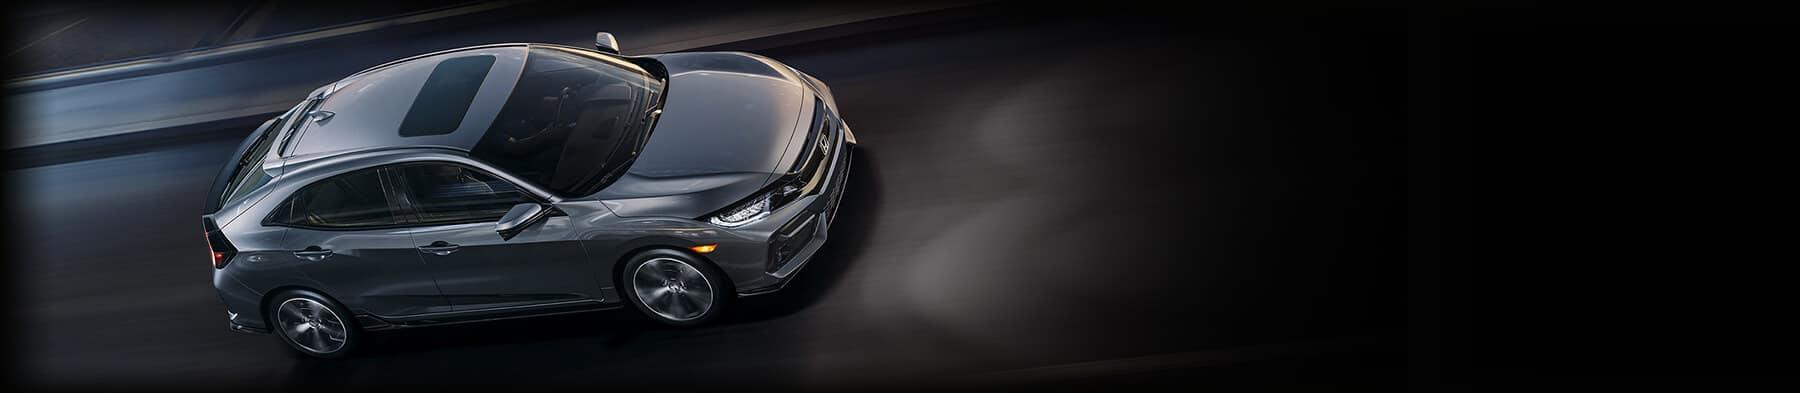 Honda Civic Hatchback Awards Hero Image